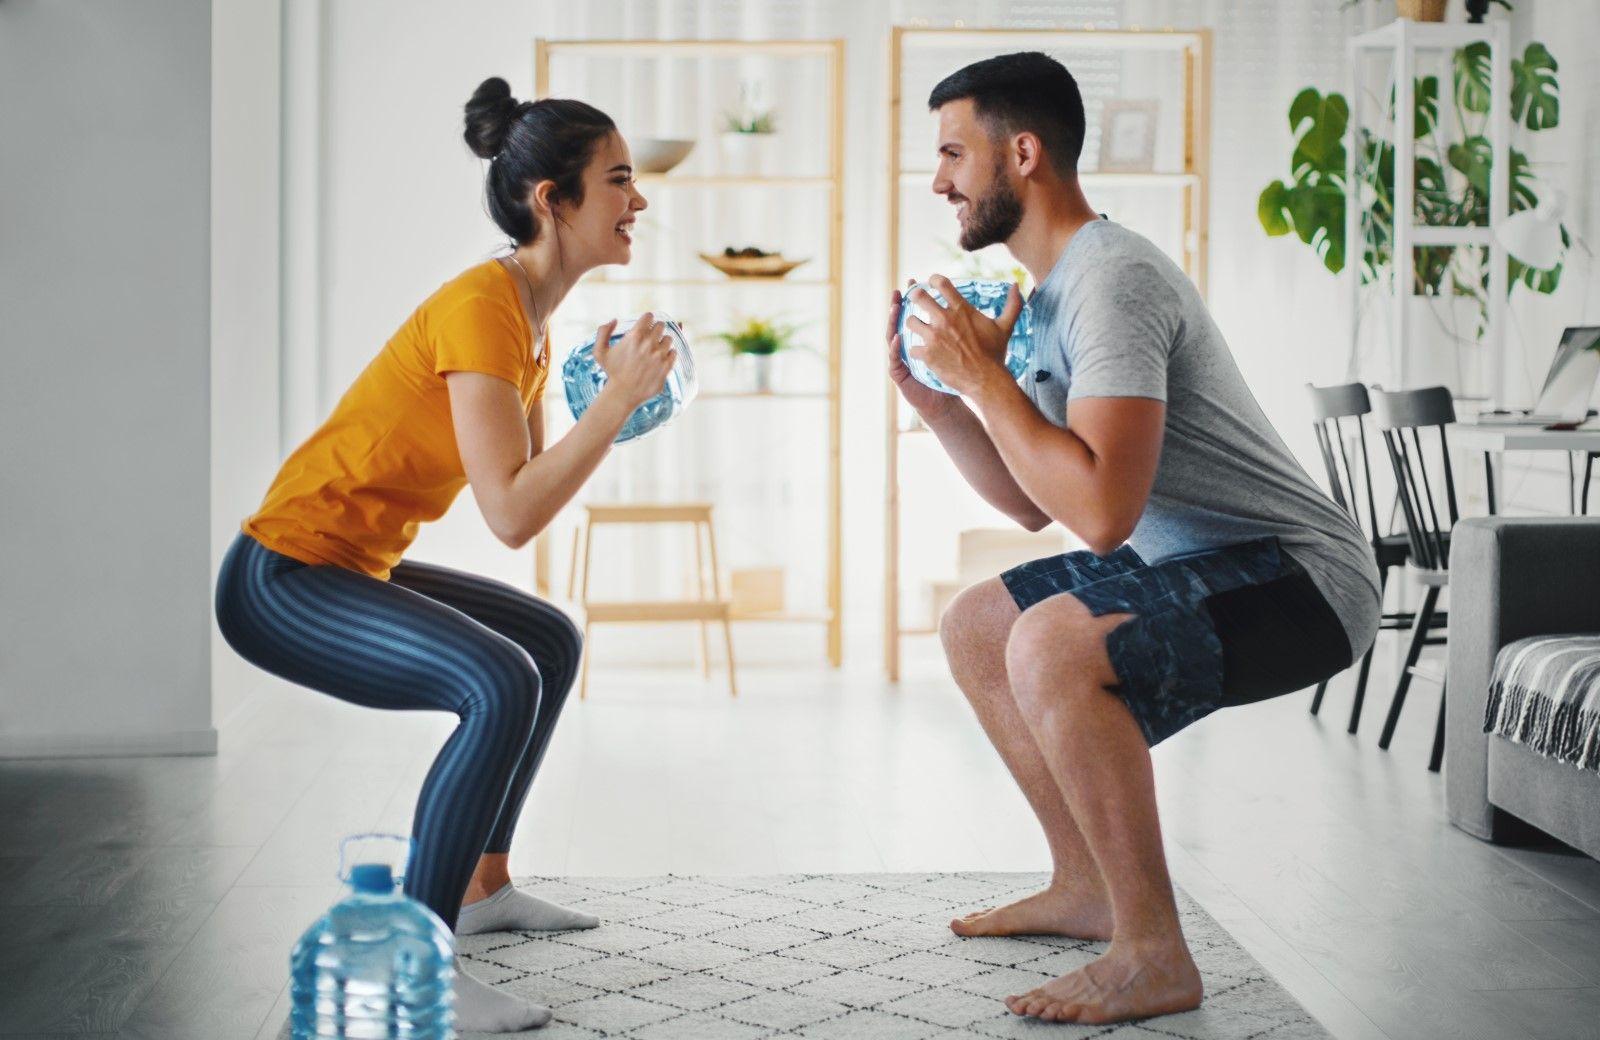 Fitness et musculation sans matériel, c'est possible ?